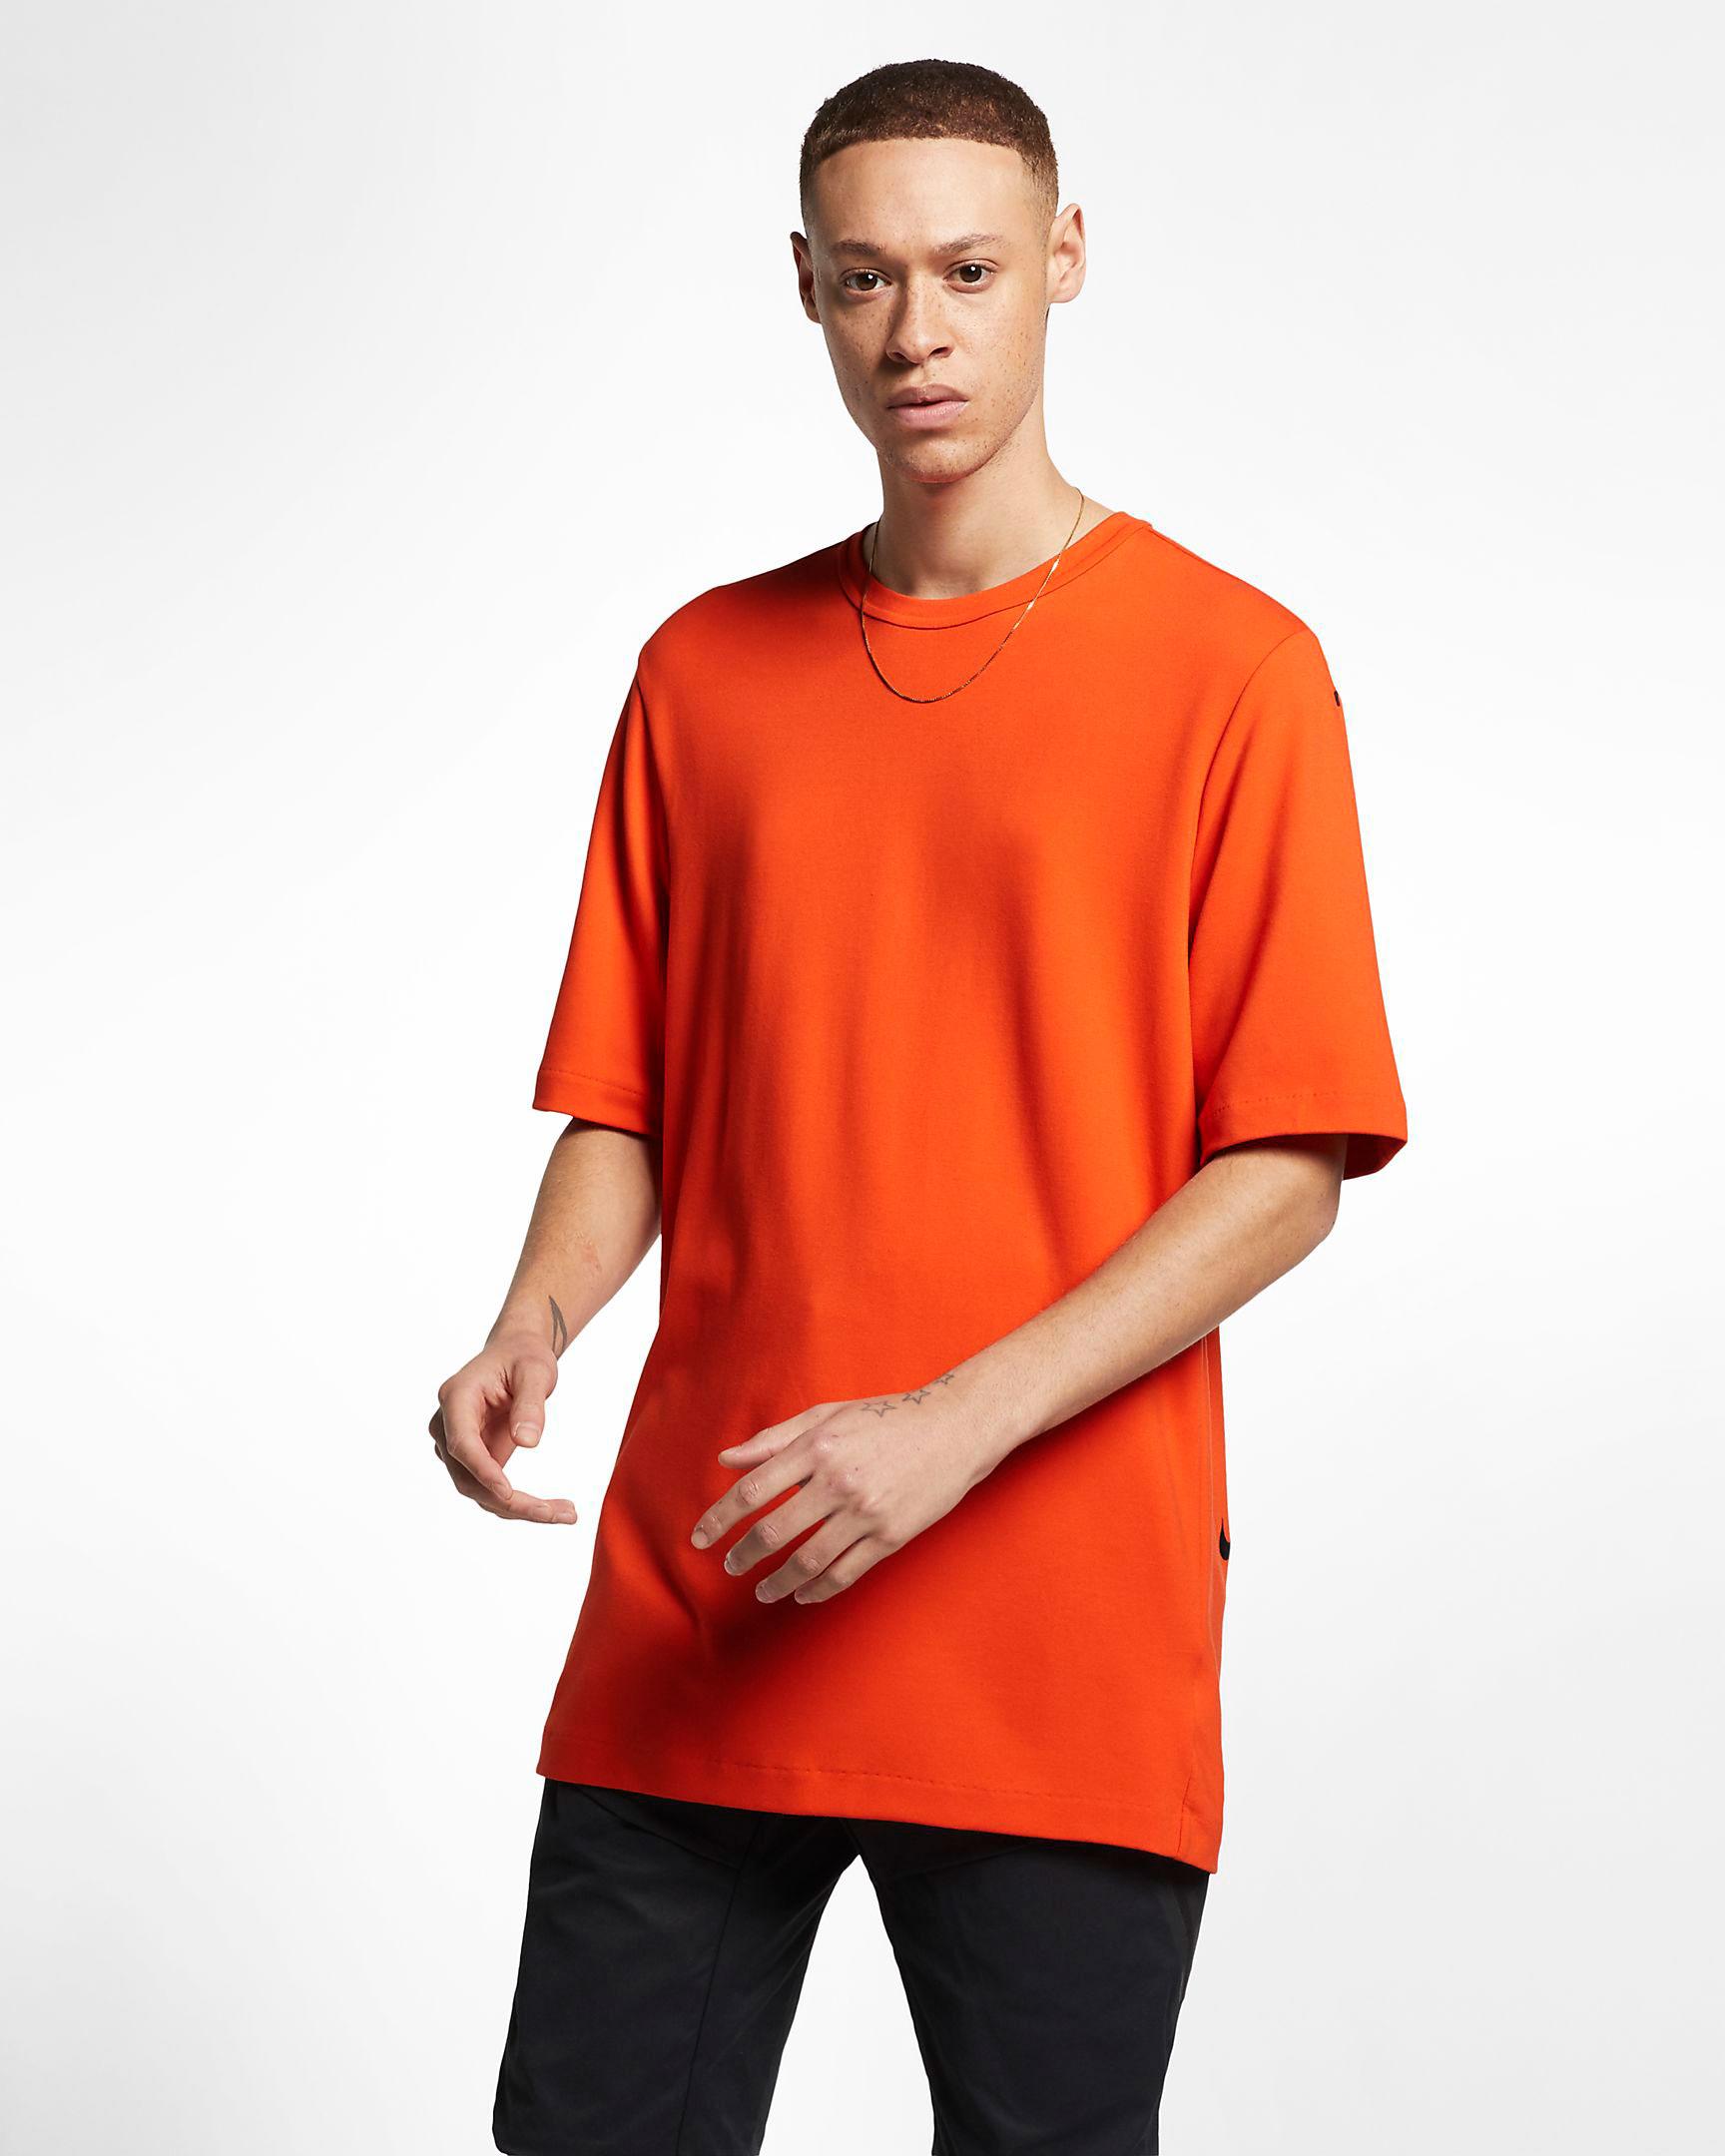 nike-foamposite-hyper-crimson-shirt-match-6